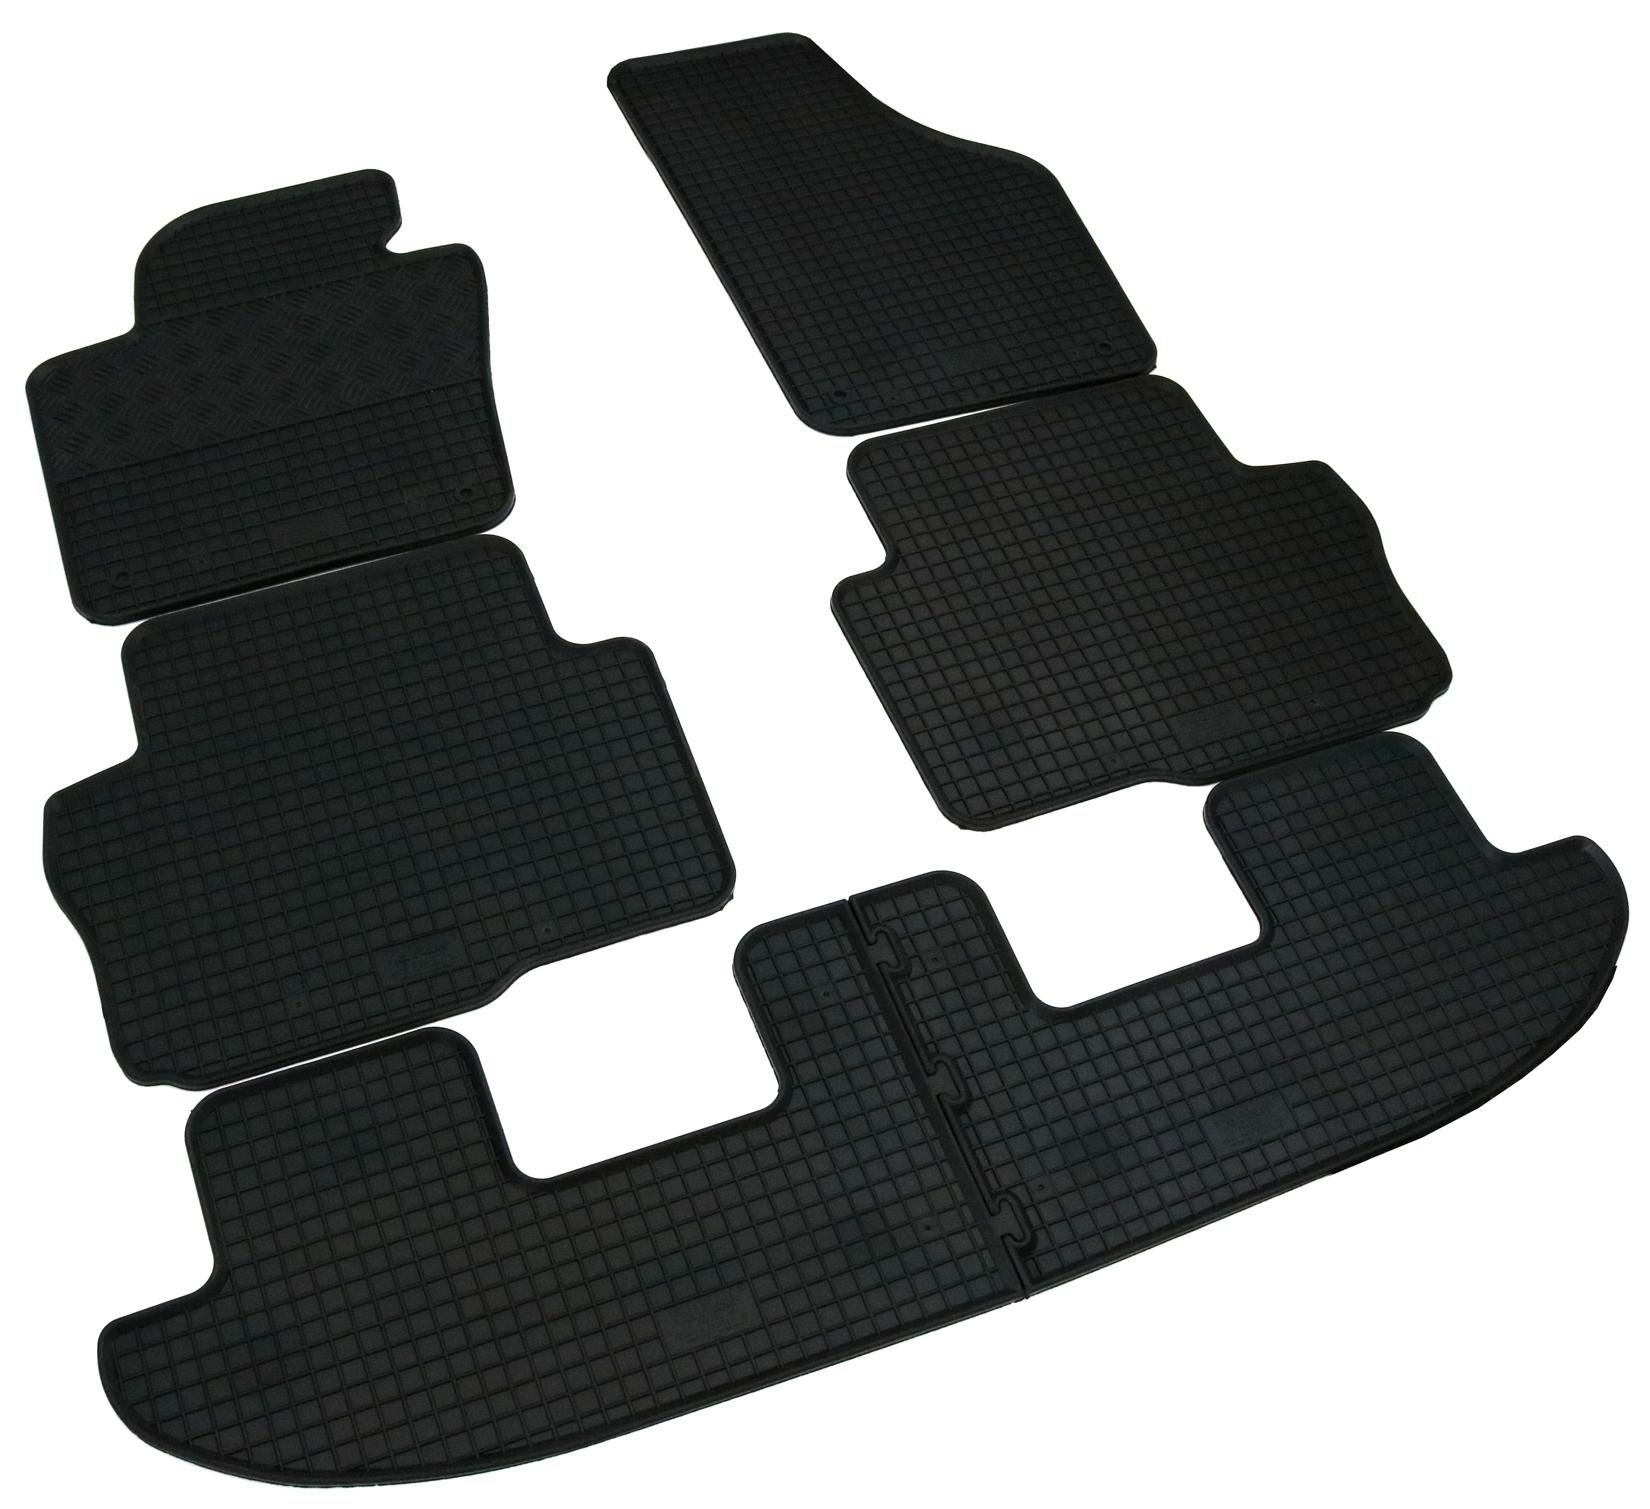 Seat Alhambra ab 2010 Gummi-Fußmatten 6-teilig Gummimatten für VW Sharan